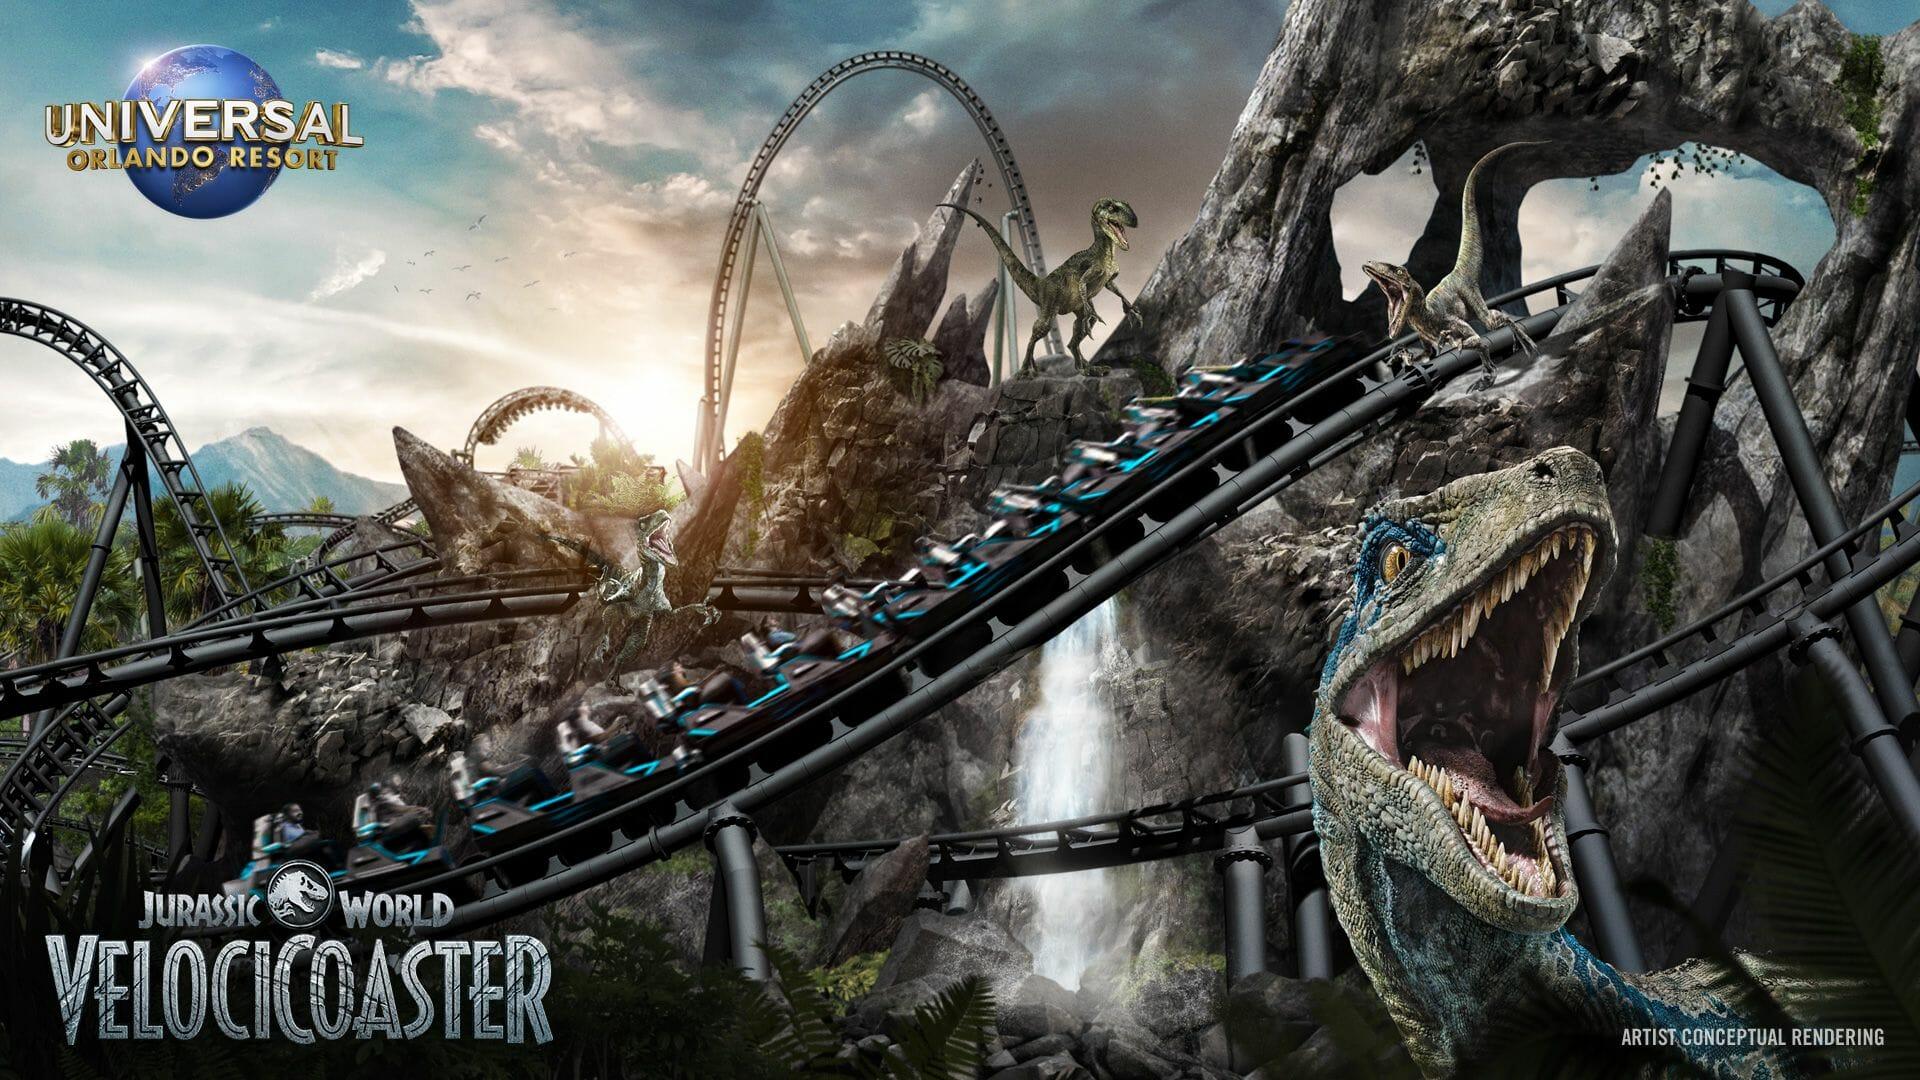 Imagem de como será a nova montanha-russa de Jurassic World na Universal.